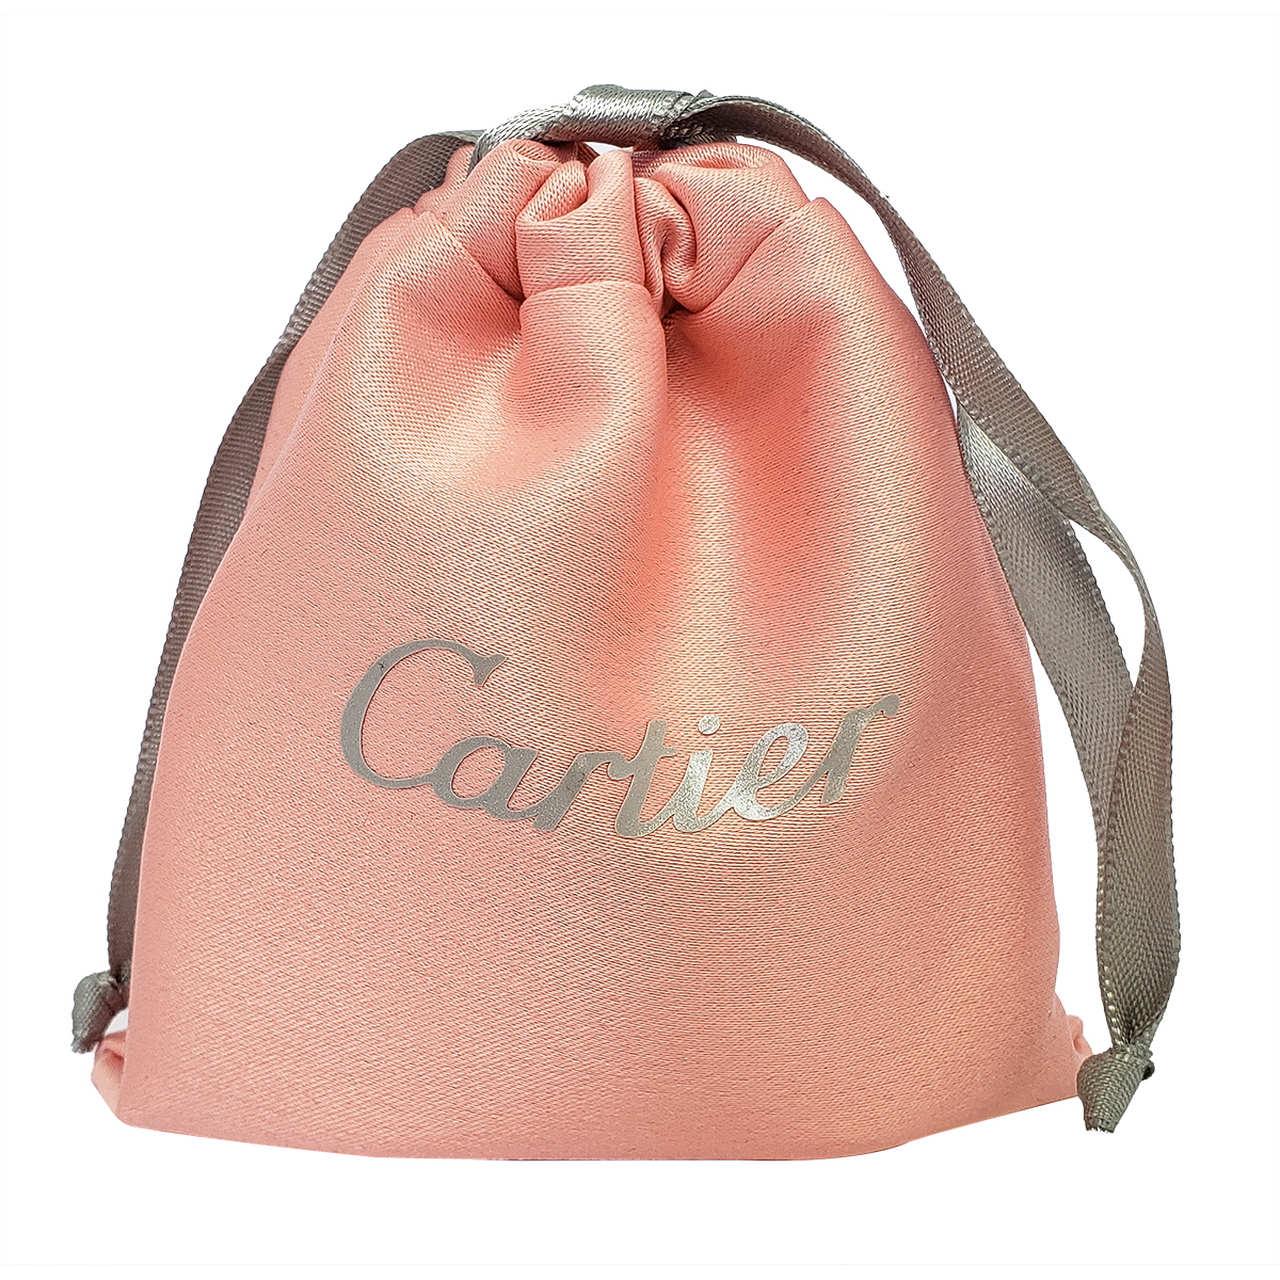 Embalagem de Crepe Chanel 08 x 12 - Personalização em Power Filme - Linha Luxo  6089  - Litex Embalagens